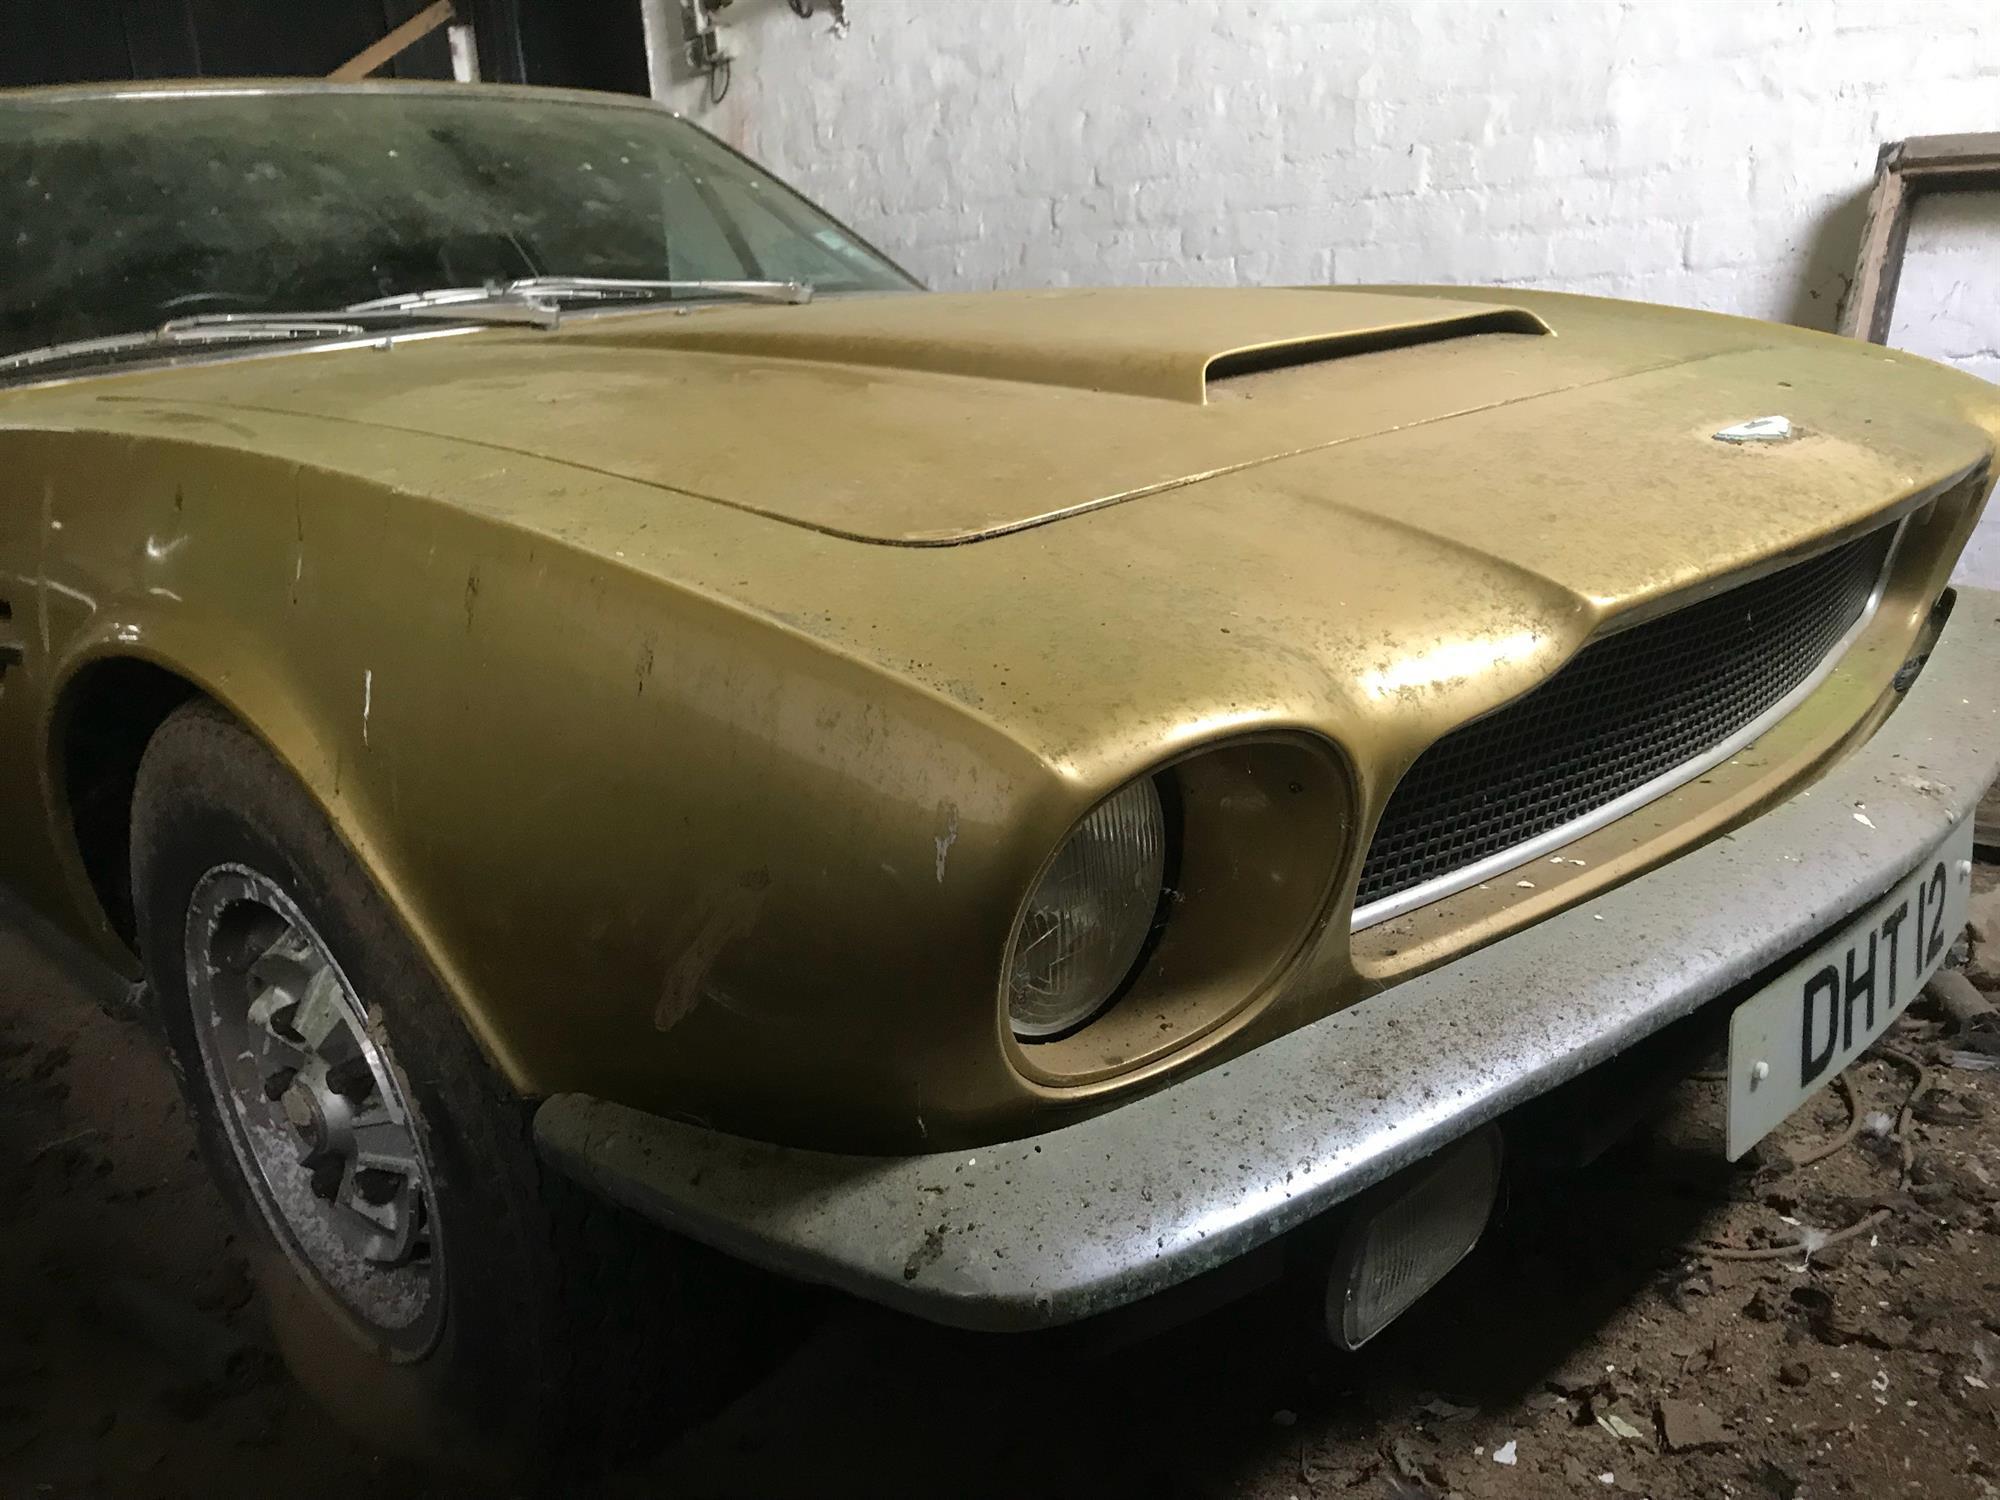 1973 Aston Martin AM V8 - Garage Find